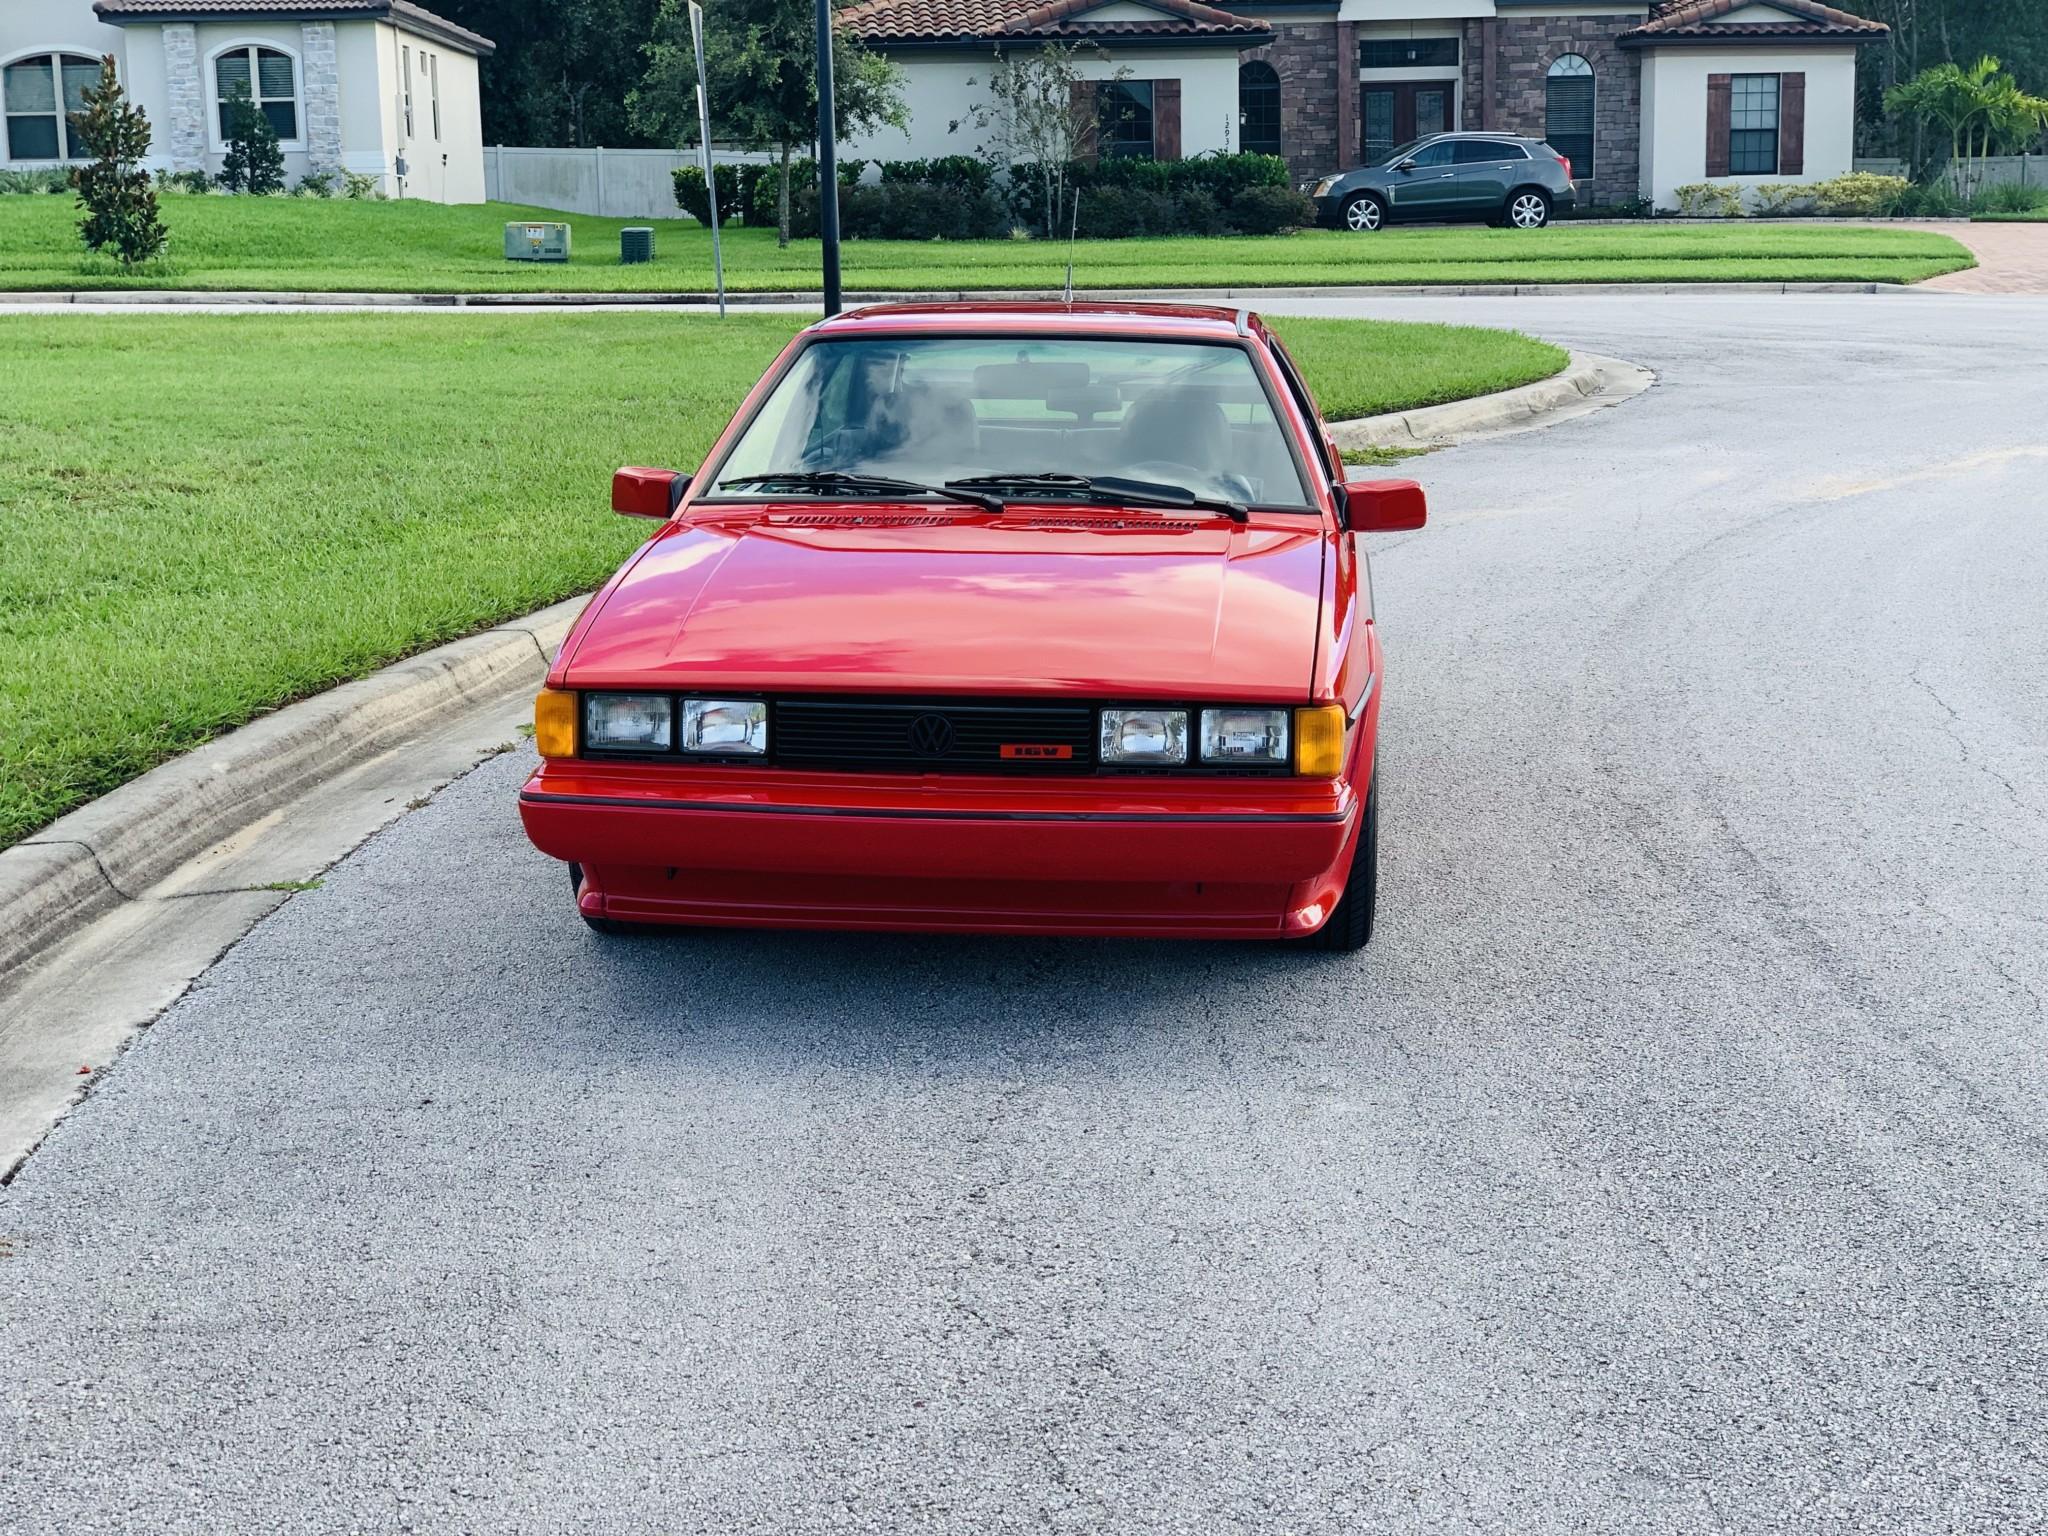 1986_volkswagen_scirocco_16v_1571783822671465ce65cbf76b7C79E901D-6DED-488A-9777-178BB53DA326